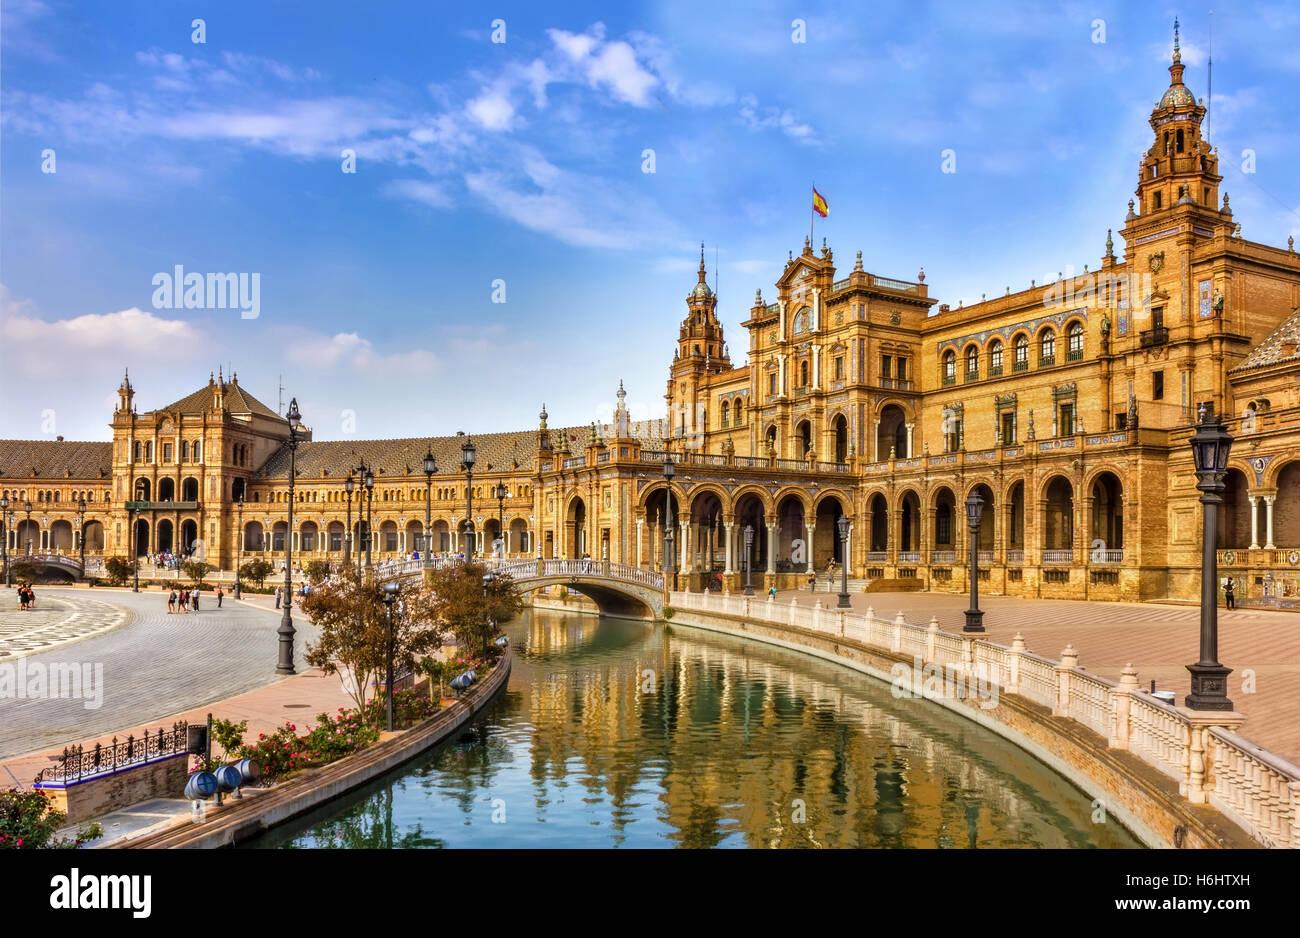 Spanish Square in Sevilla, Spain Stock Photo